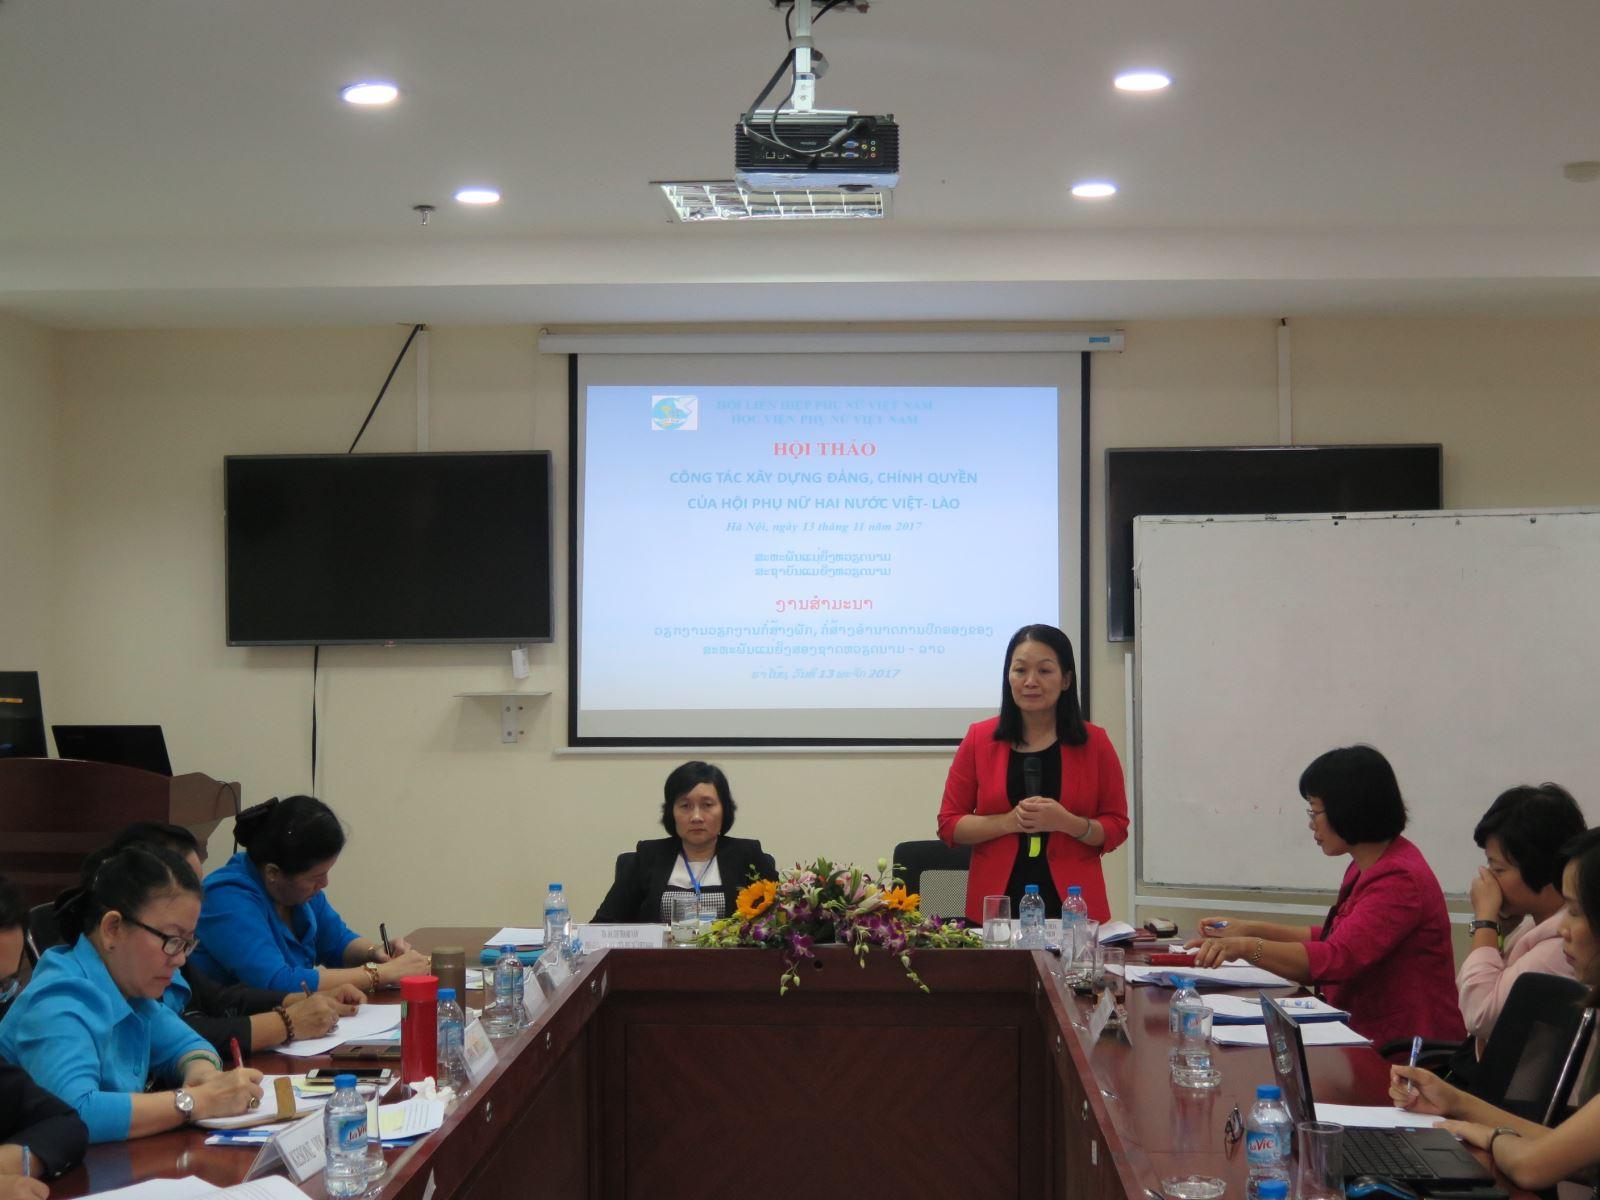 Hội thảo: Chia sẻ kinh nghiệm tham gia xây dựng Đảng, xây dựng Chính quyền của Hội Liên hiệp Phụ nữ Việt Nam và Hội Liên hiệp Phụ nữ Lào